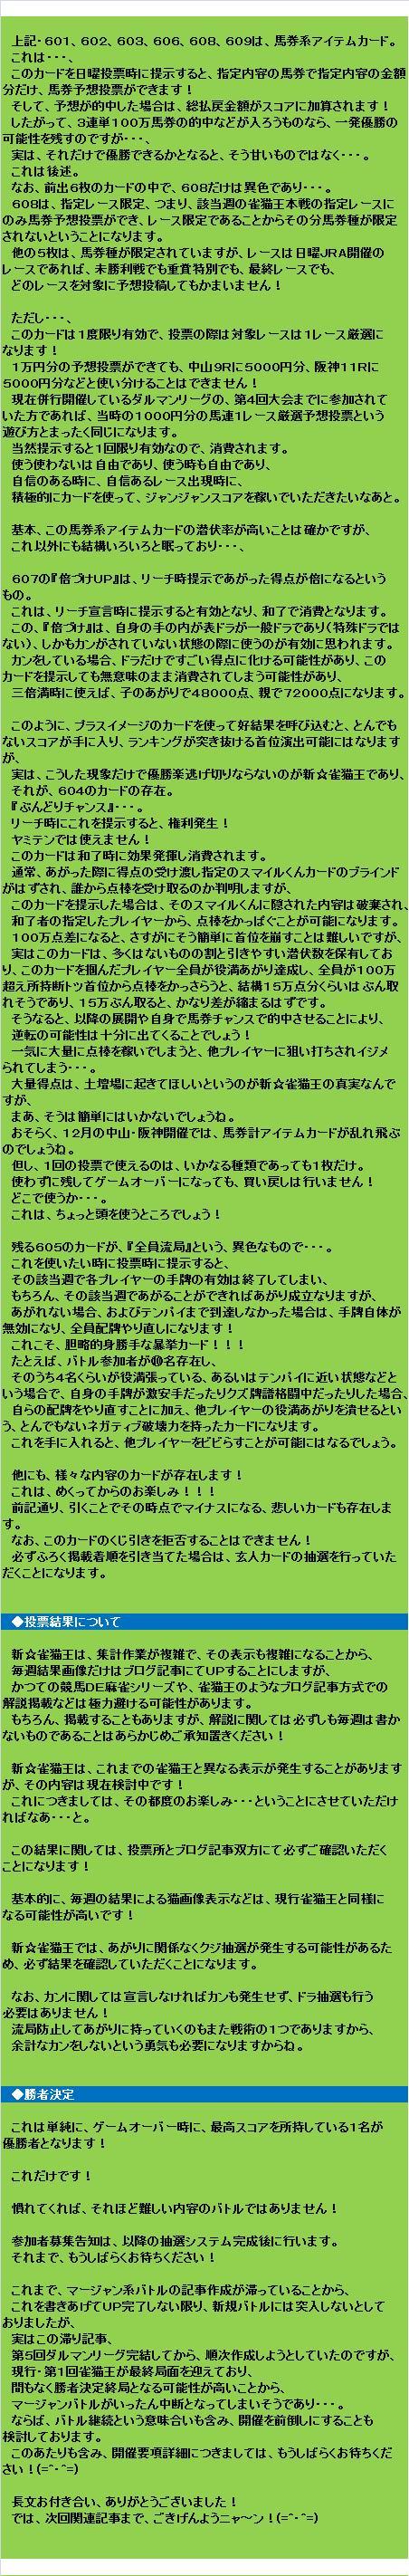 20140512・新☆雀猫王詳細⑦.jpg